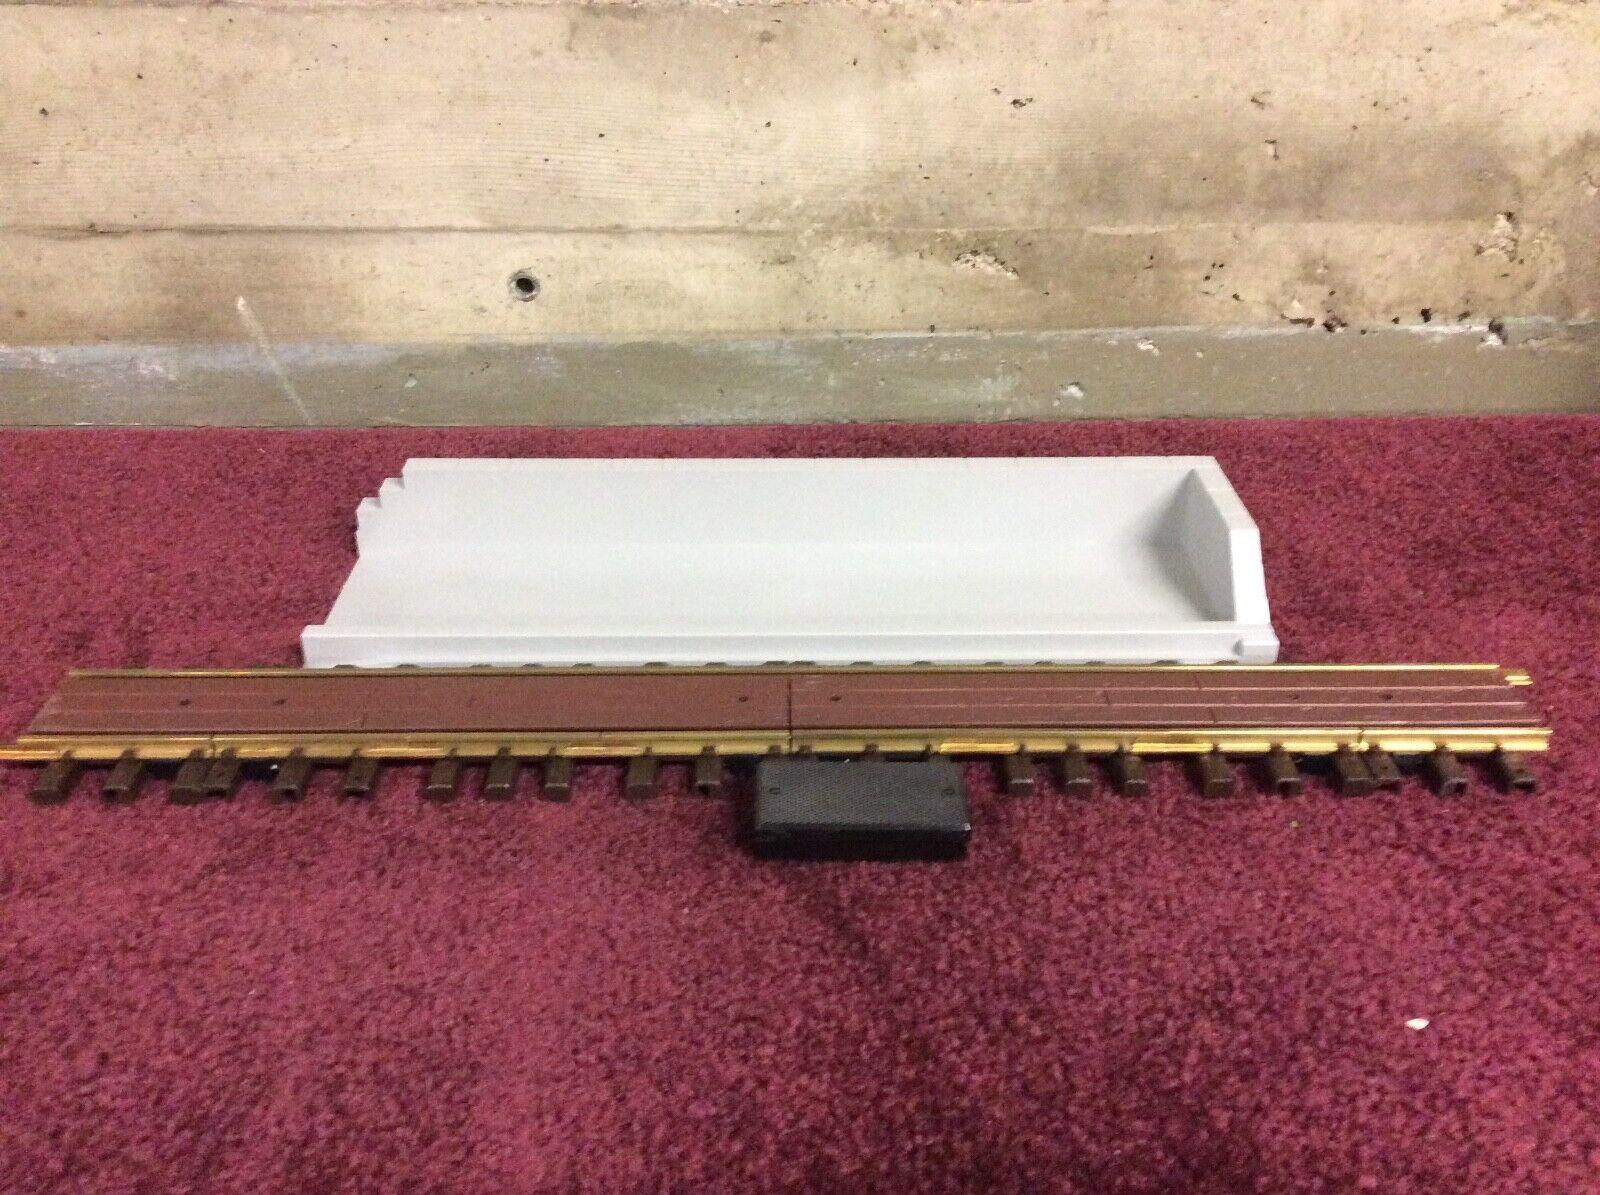 LGB 10154 DISENGAGING RAIL RAIL RAIL FOR RAILROAD FREIGHT CAR - DUMPING BOX - G SCALE 467110